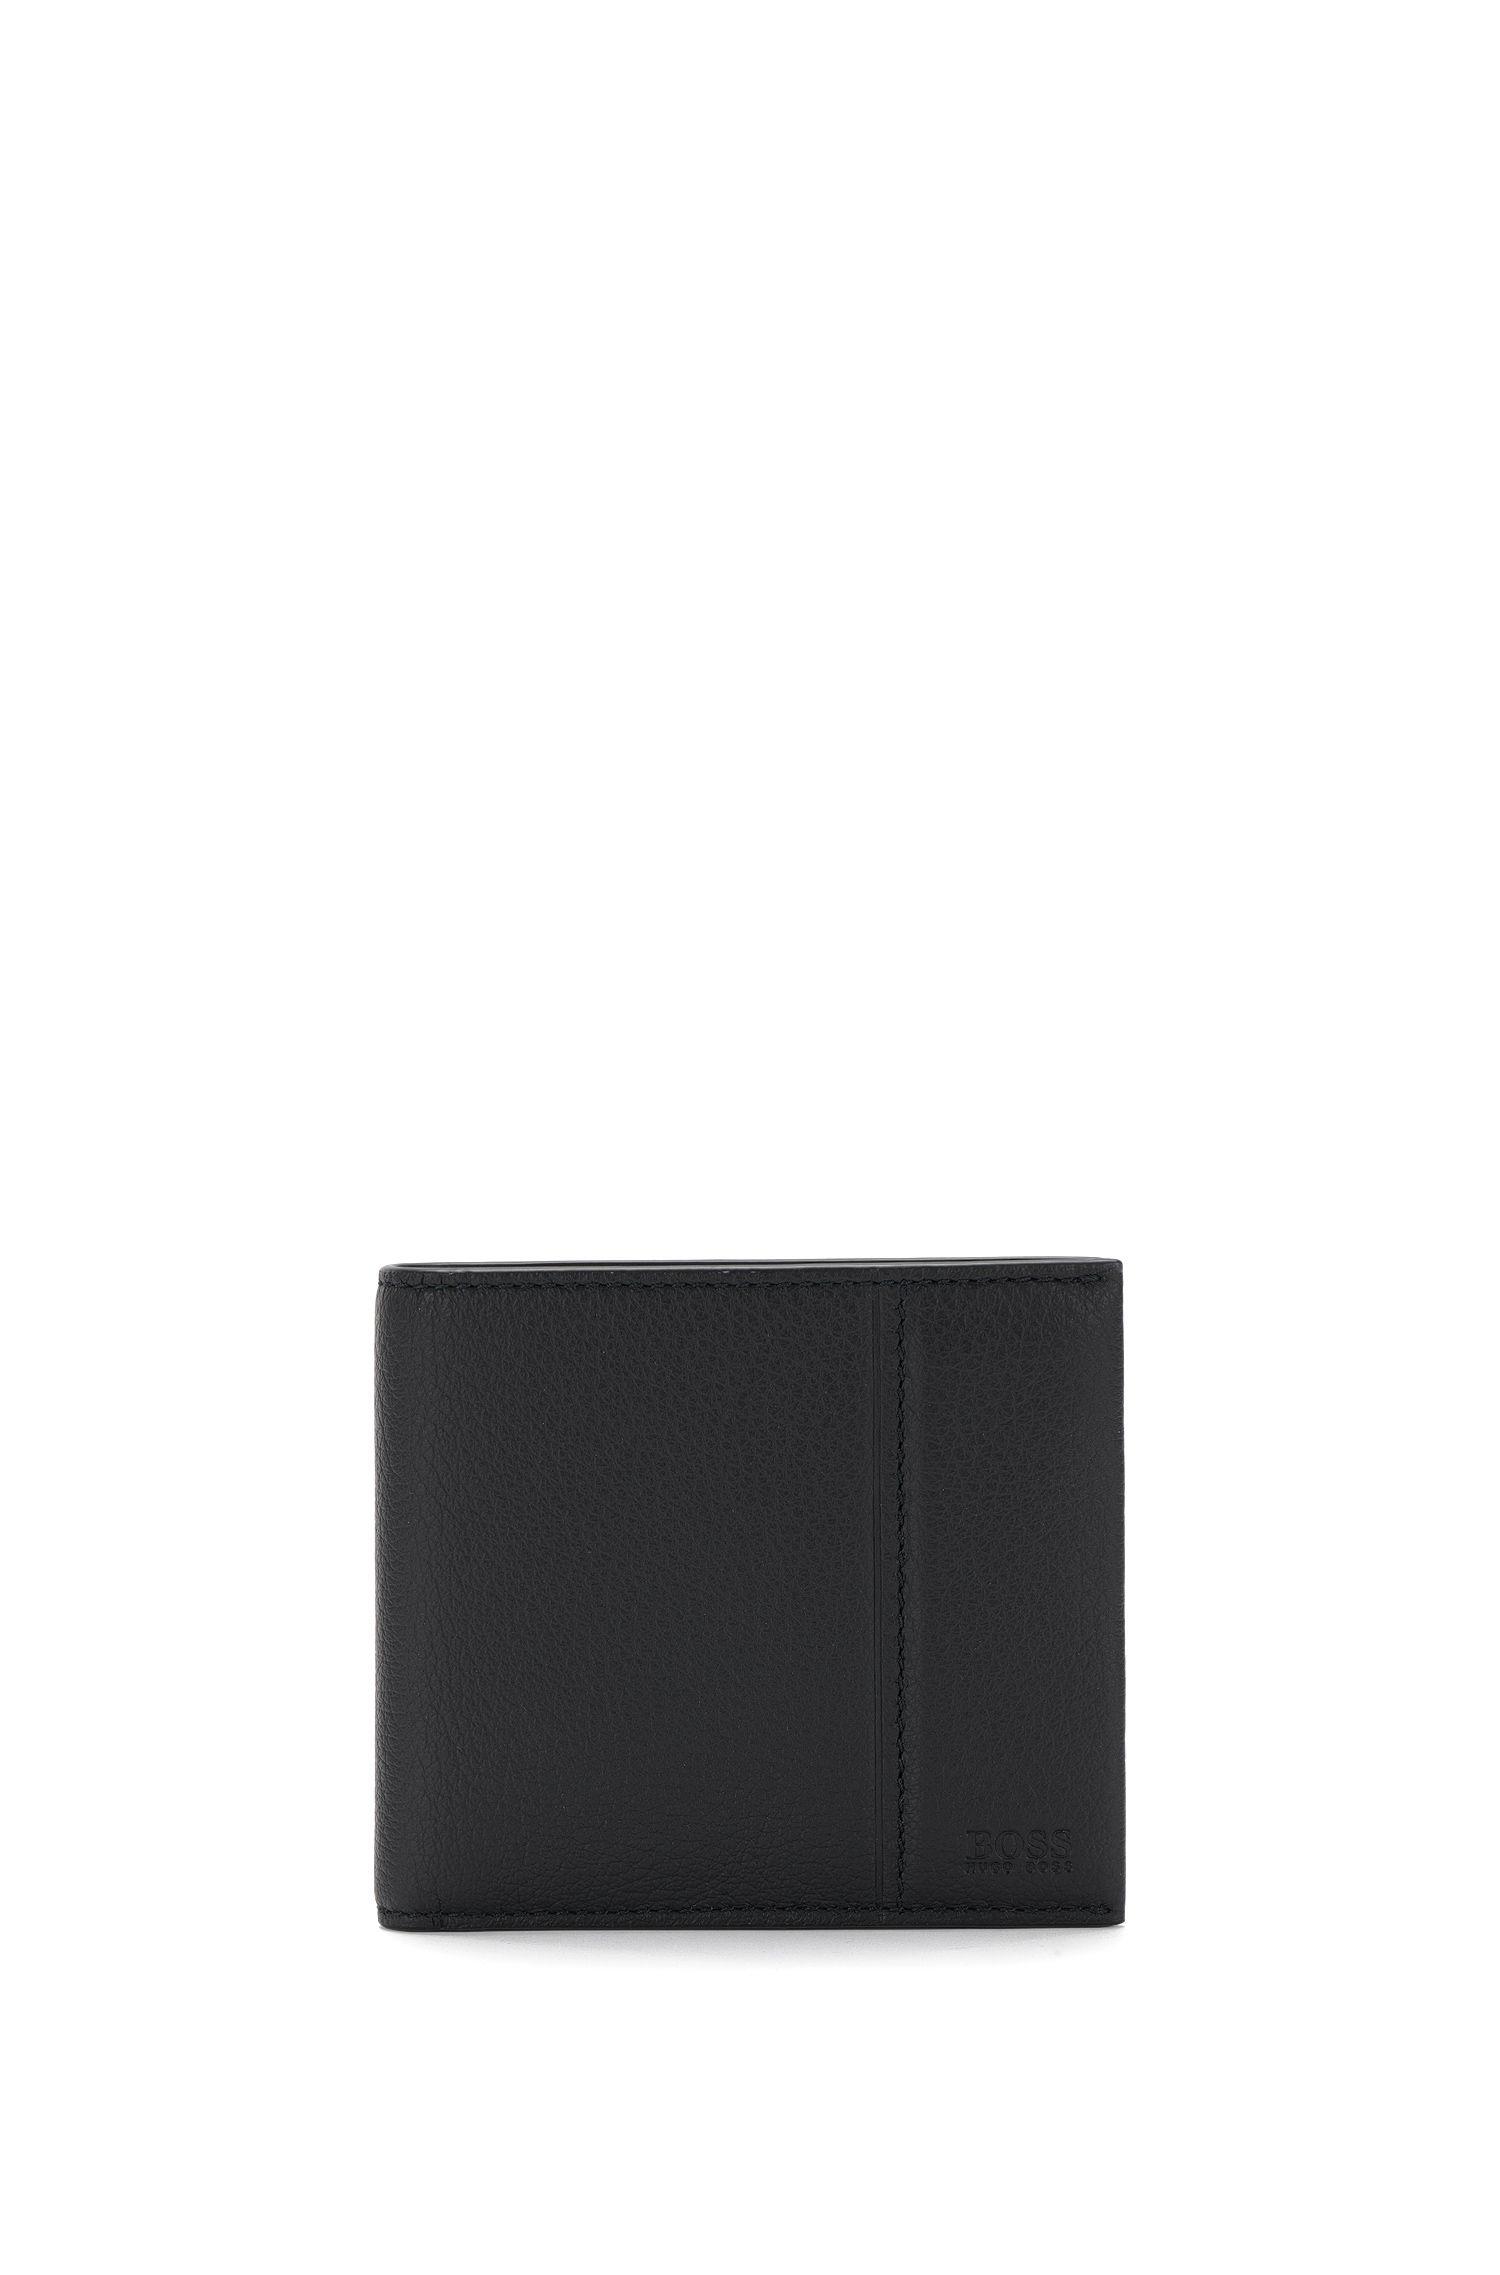 Klapp-Geldbörse aus Leder mit acht Kartenfächern